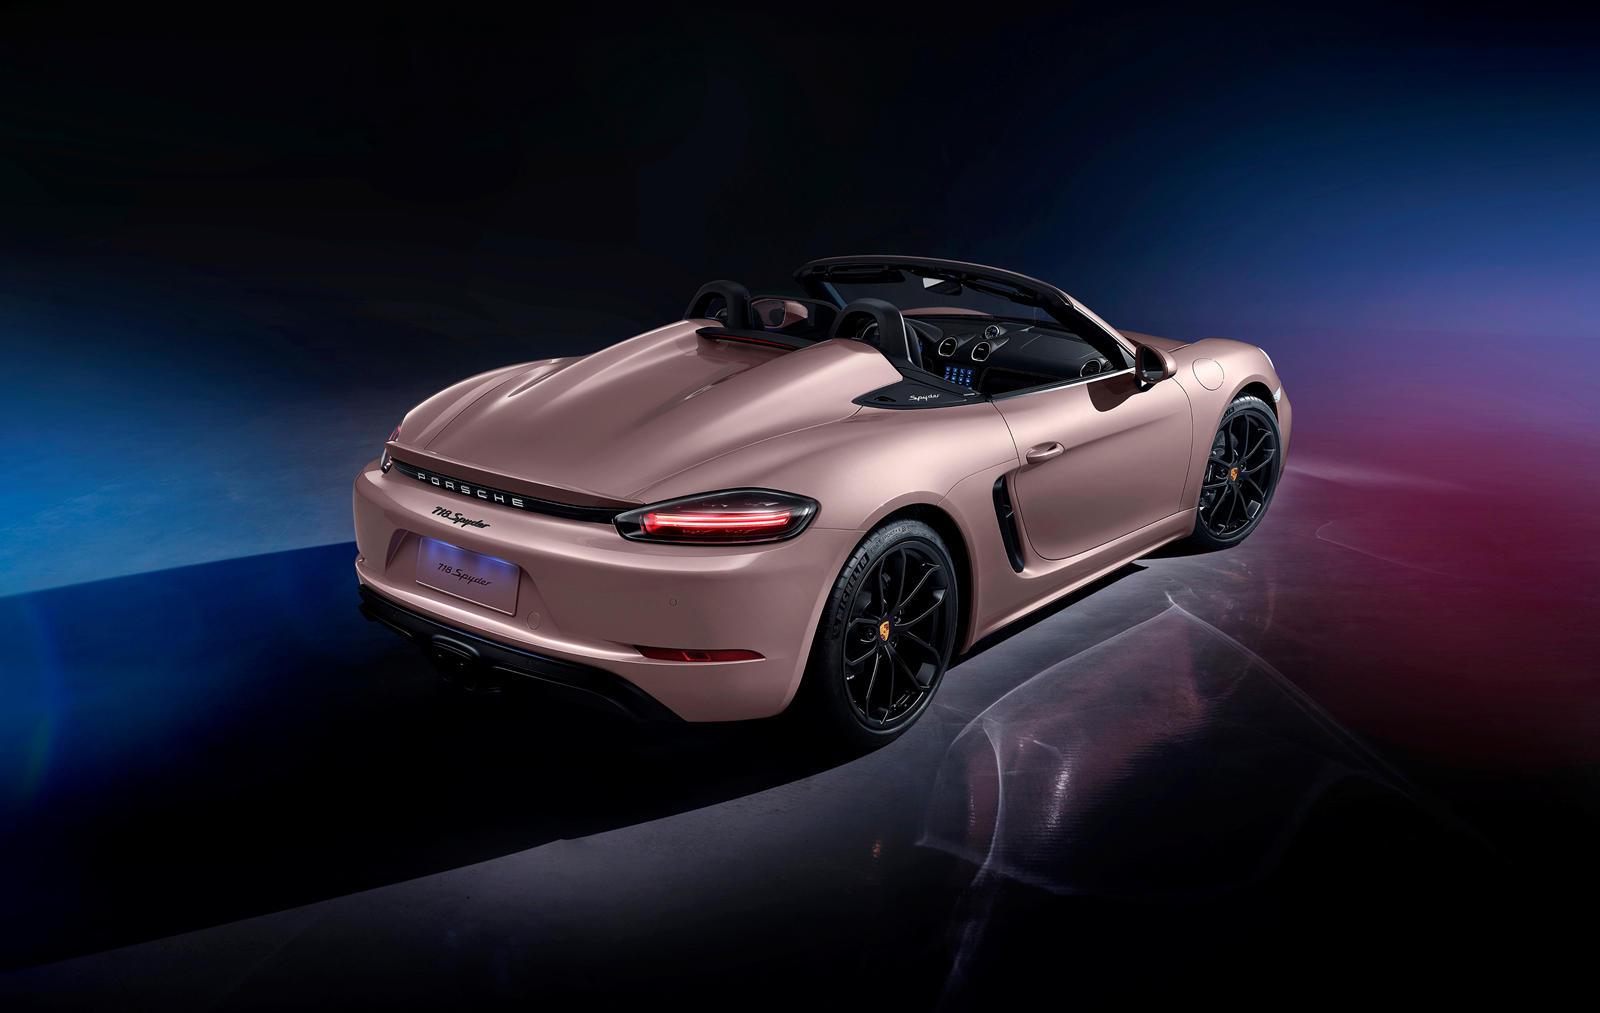 Компания Porsche была основана еще в 1931 году, но не выходила на китайский рынок до 2001 года, примерно 70 лет. Чтобы отпраздновать эту годовщину, Porsche представил на Шанхайском автосалоне в этом году специальный памятный 911 Turbo S, получивший с